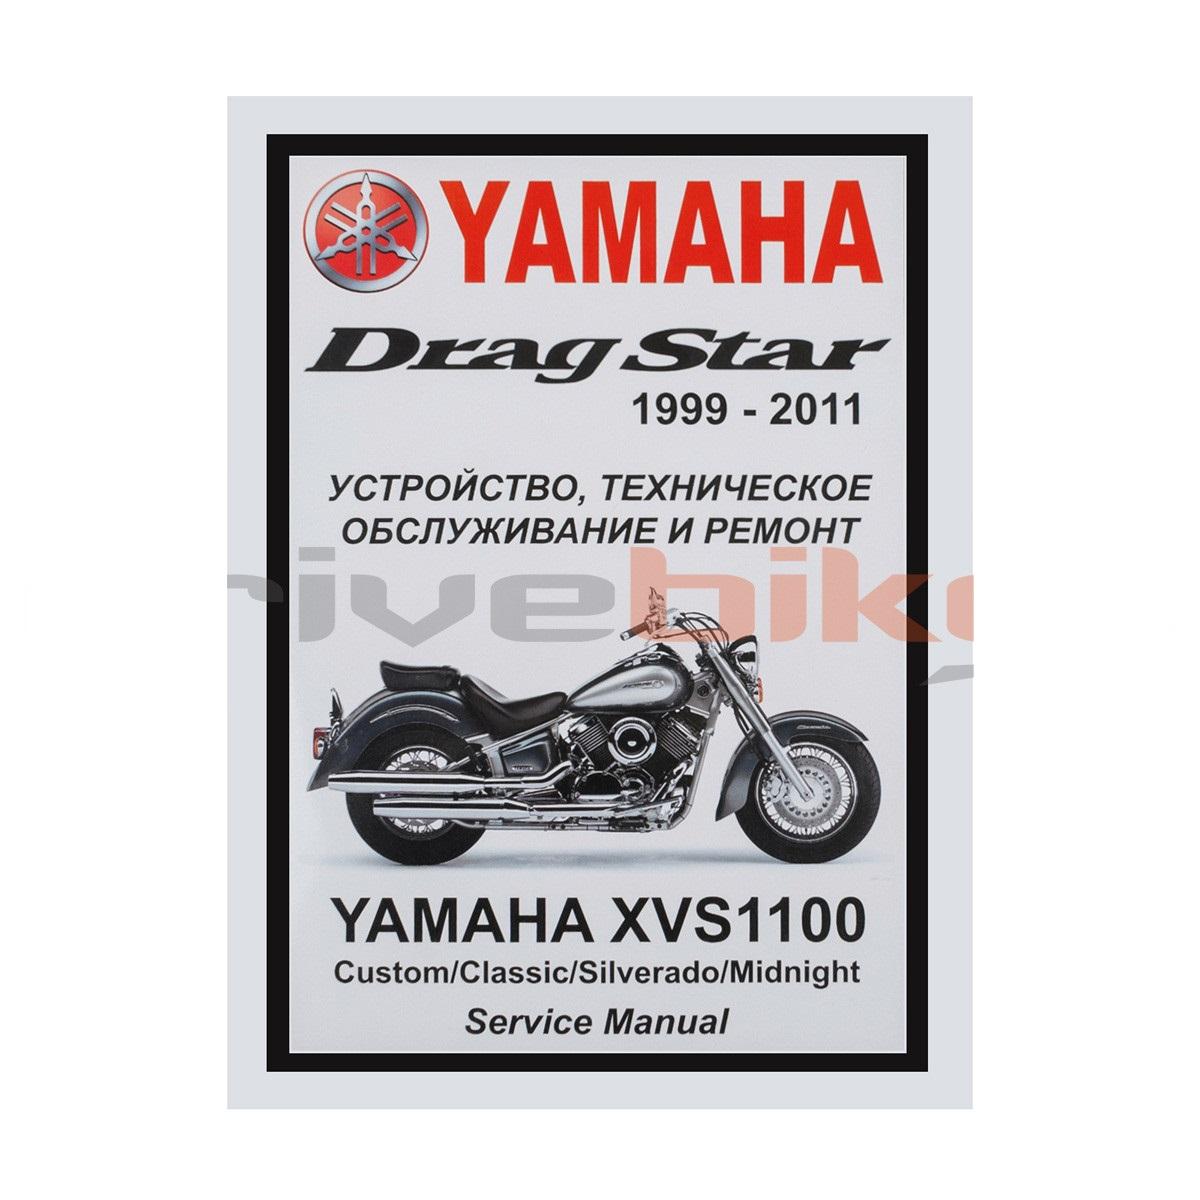 Мануалы и документация для Yamaha XVS950 Drag Star (V-Star)